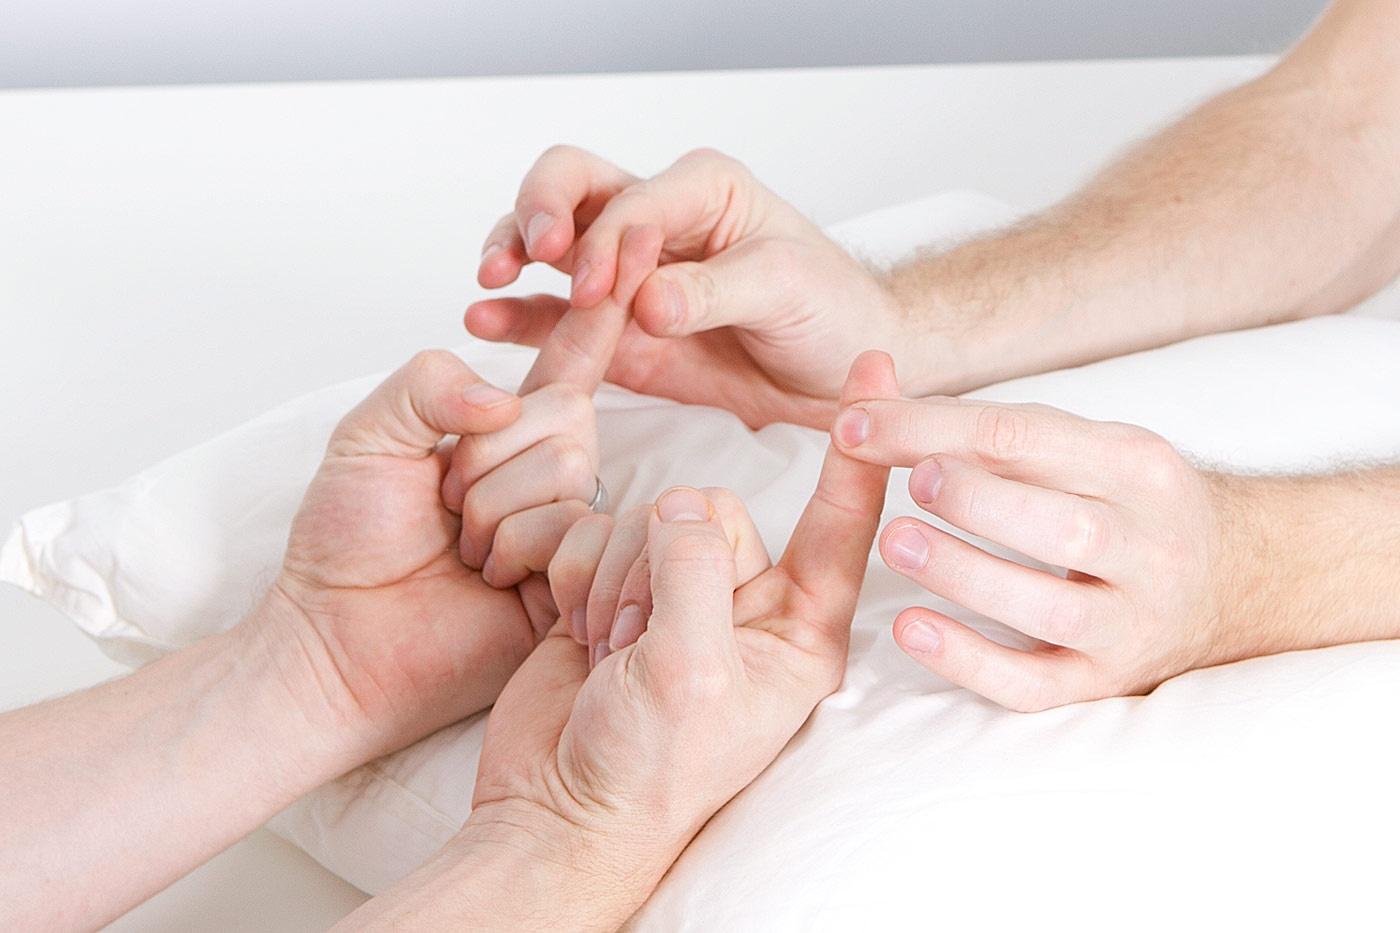 Pincer grip against index finger